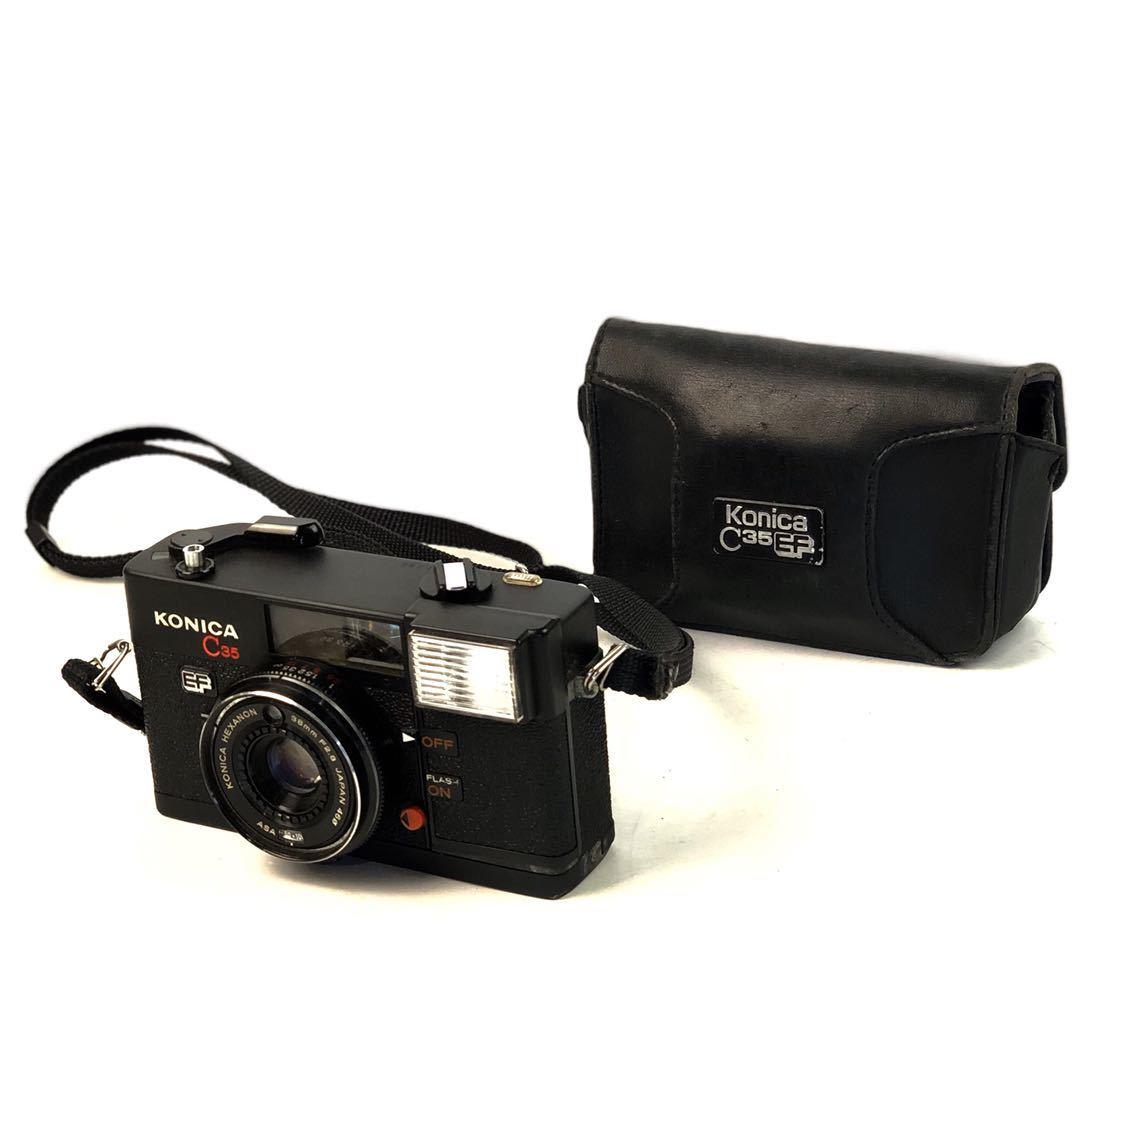 未確認ジャンク扱い■KONICA/コニカ C35 EF HEXANON 38mm F2.8 φ46 フィルムカメラ ボディ レンズ付属■兵庫県姫路市発20 A2_画像1